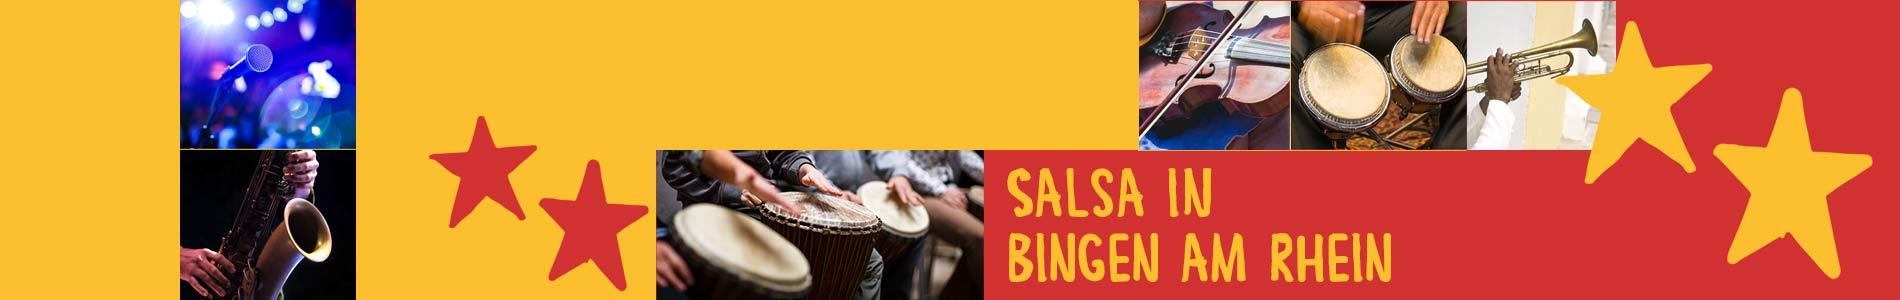 Salsa in Bingen am Rhein – Salsa lernen und tanzen, Tanzkurse, Partys, Veranstaltungen